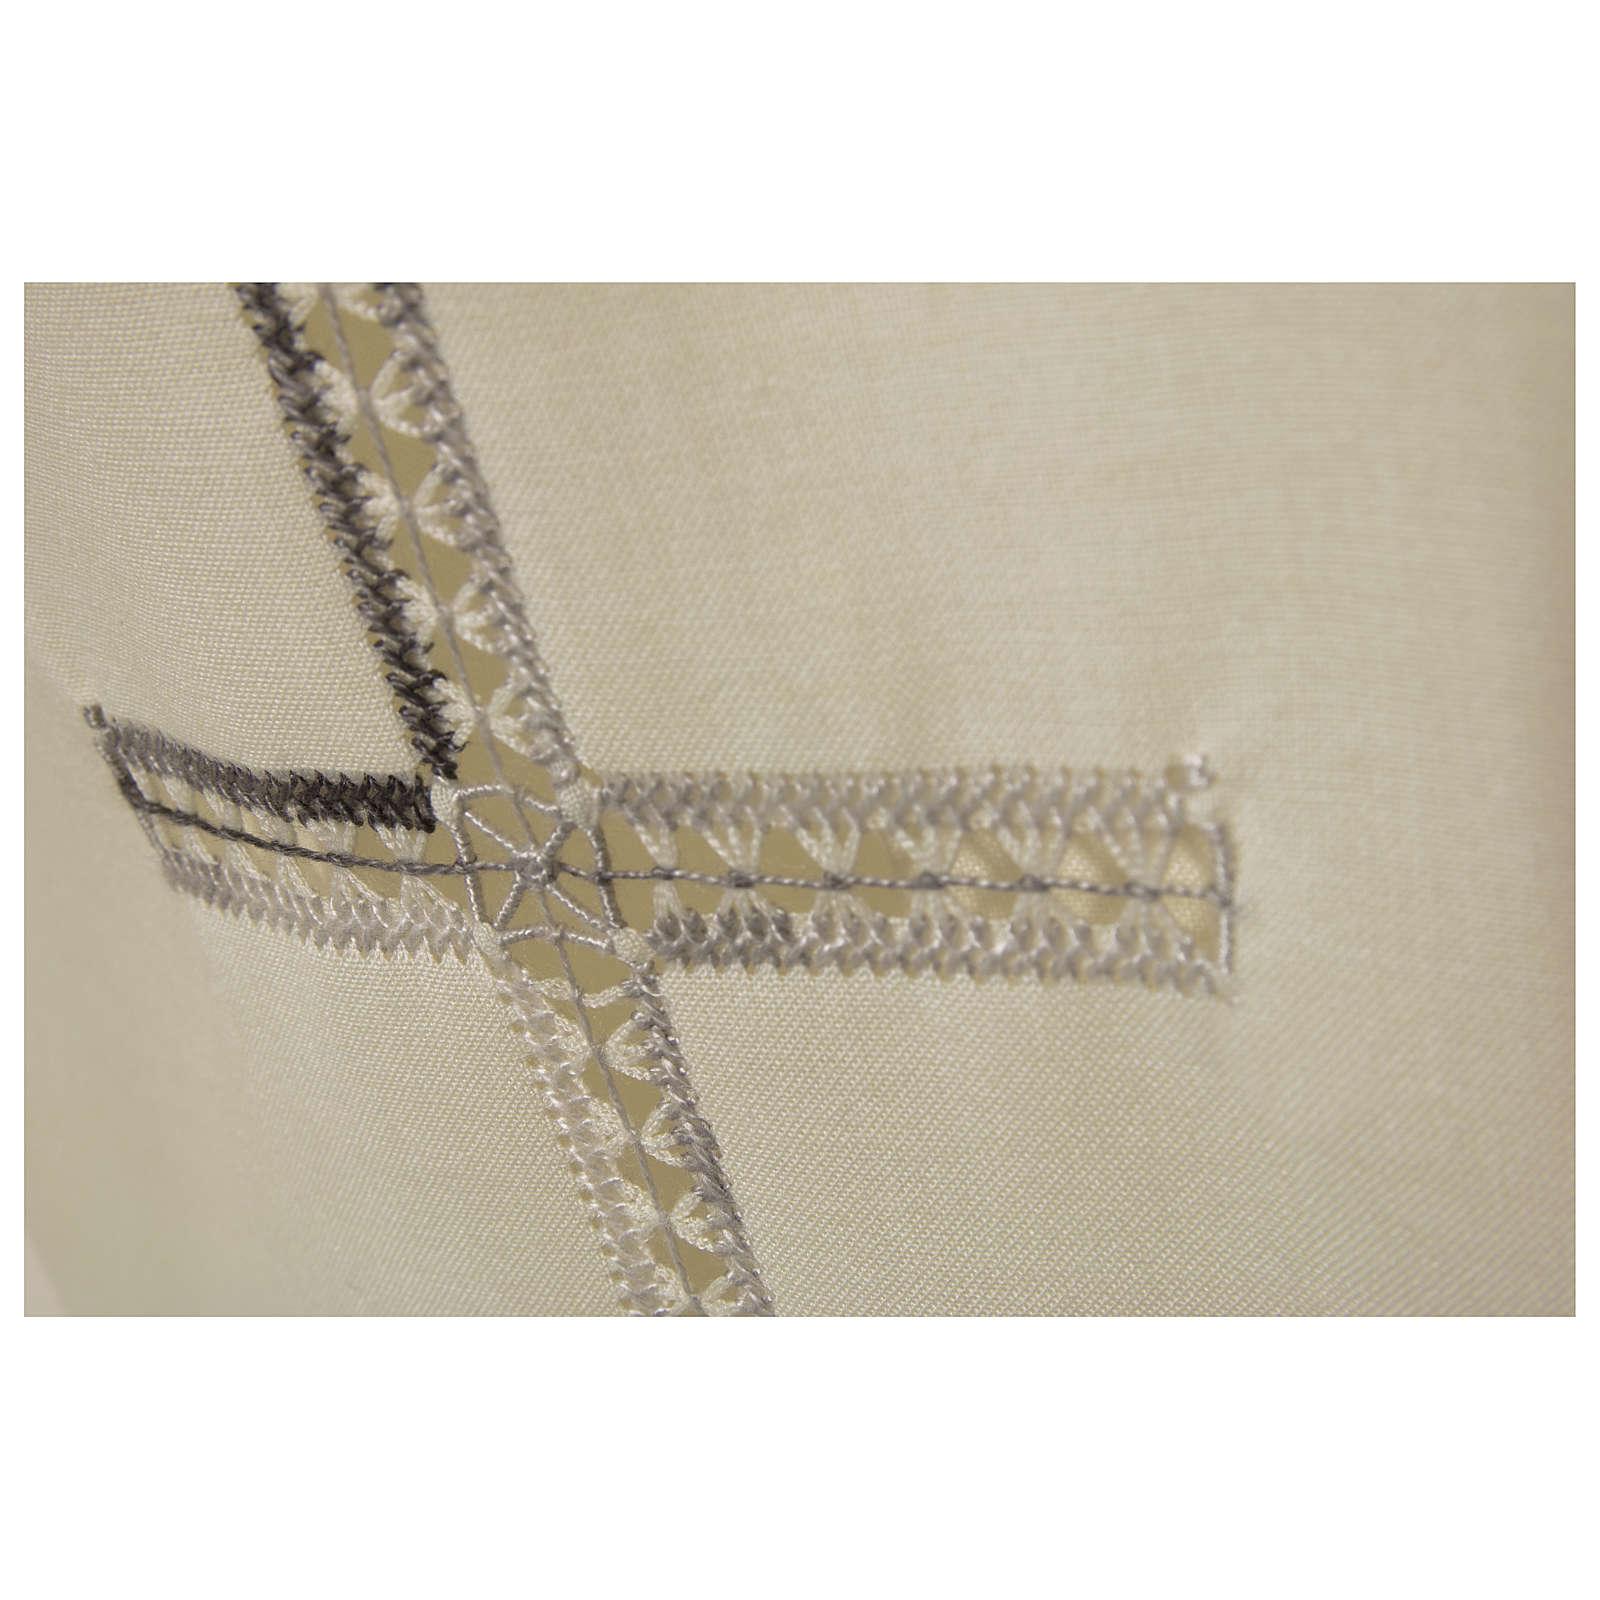 Camice avorio 55% pol. 45% lana gigliuccio croce RICAMO MANO cerniera davanti 4